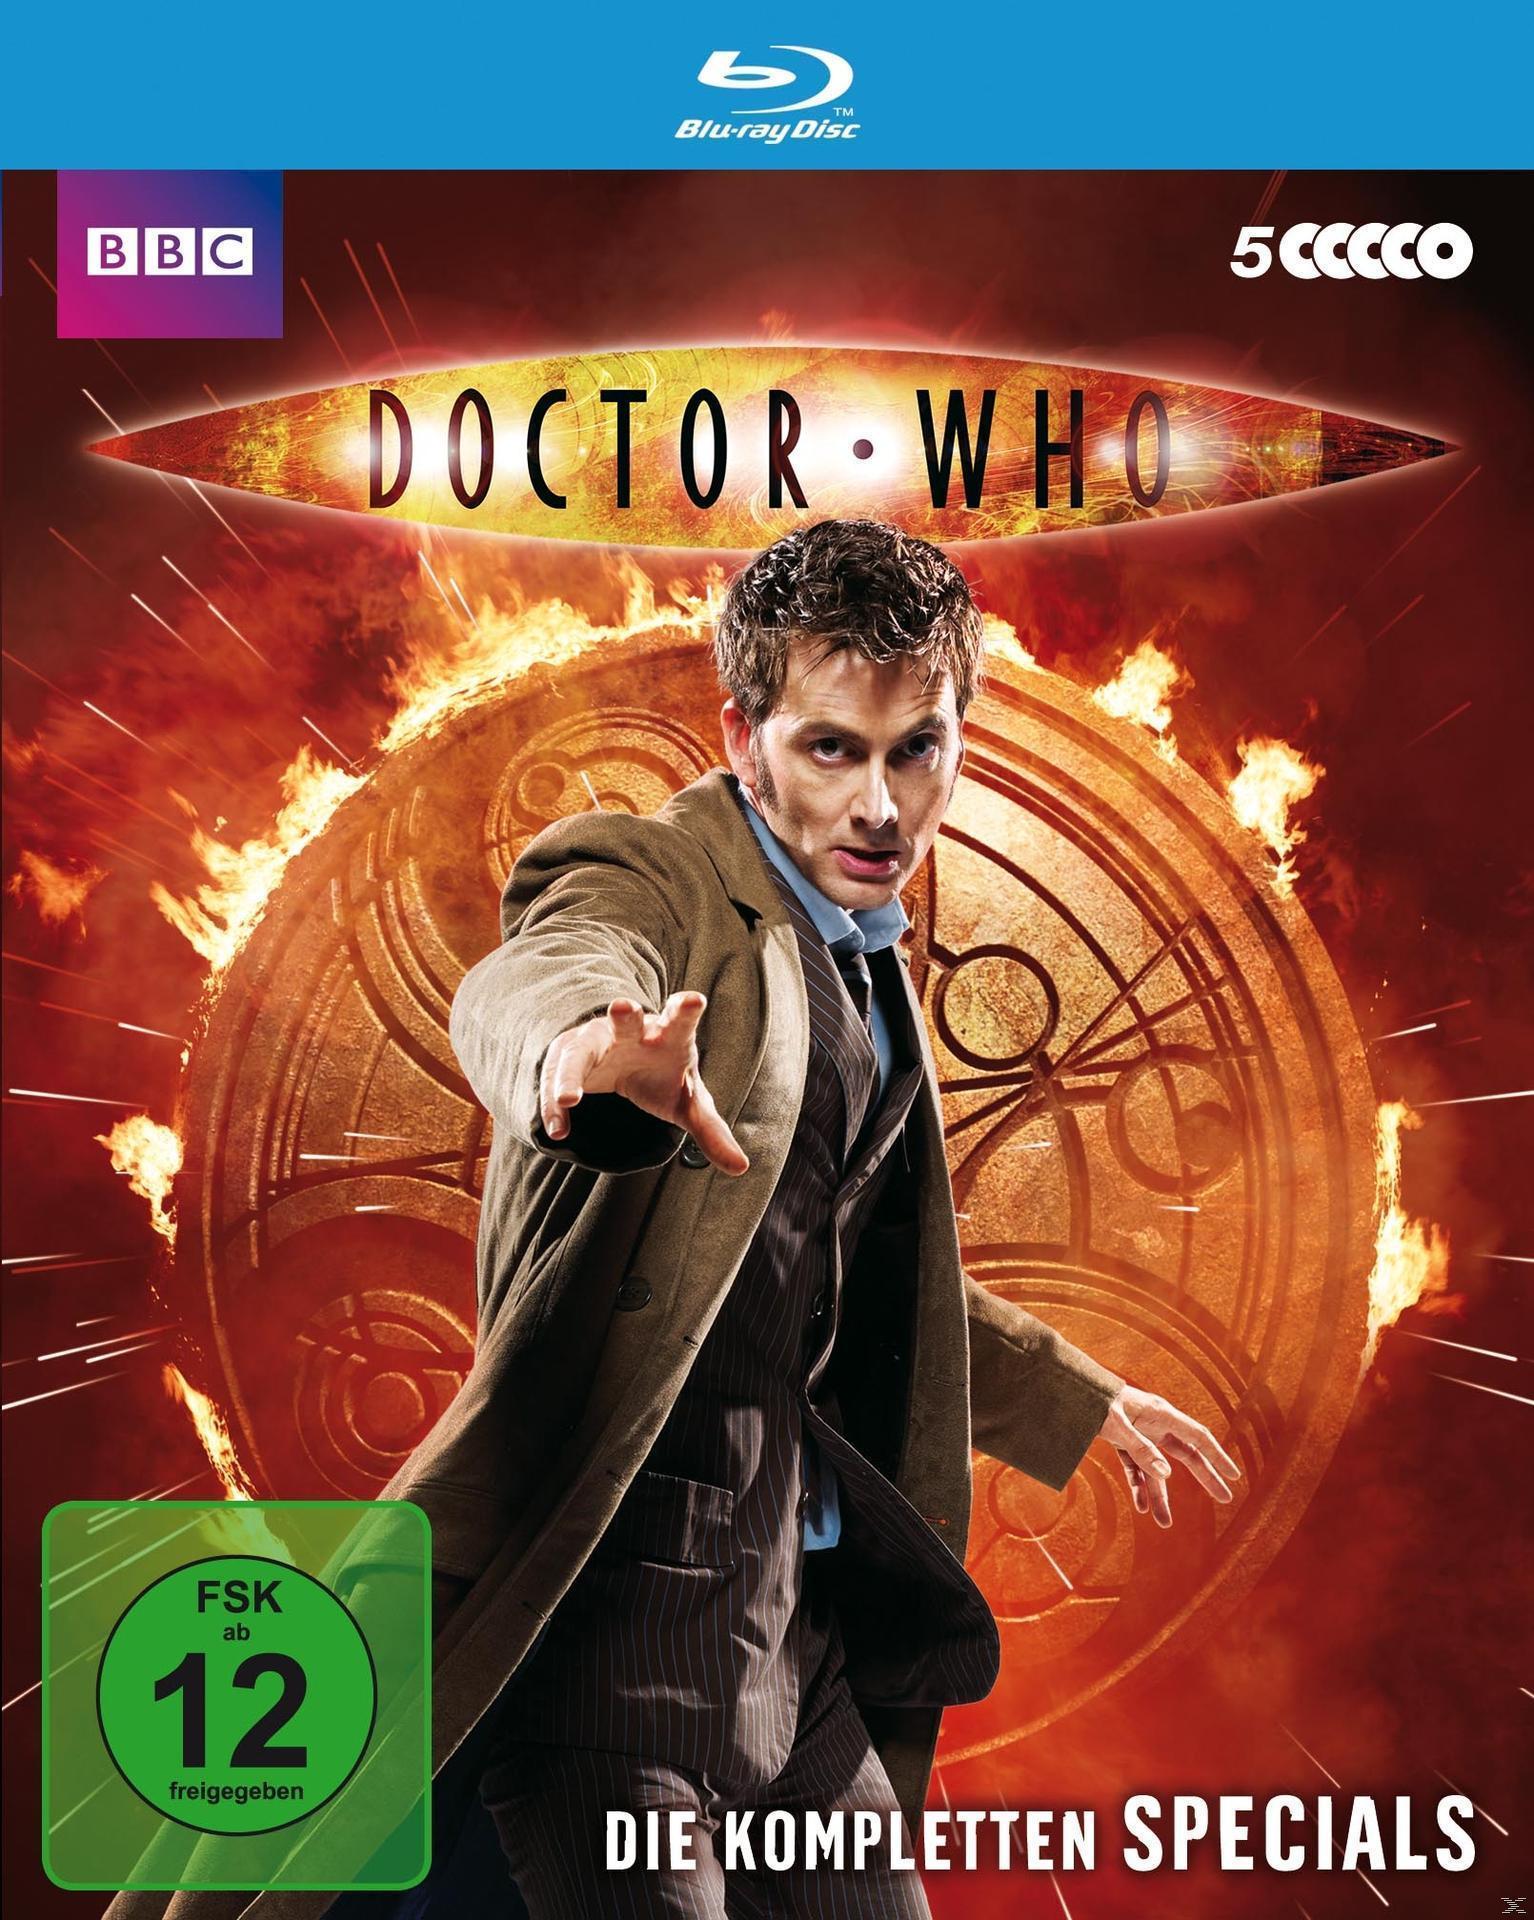 Doctor Who - Die kompletten Specials (BLU-RAY) für 36,99 Euro